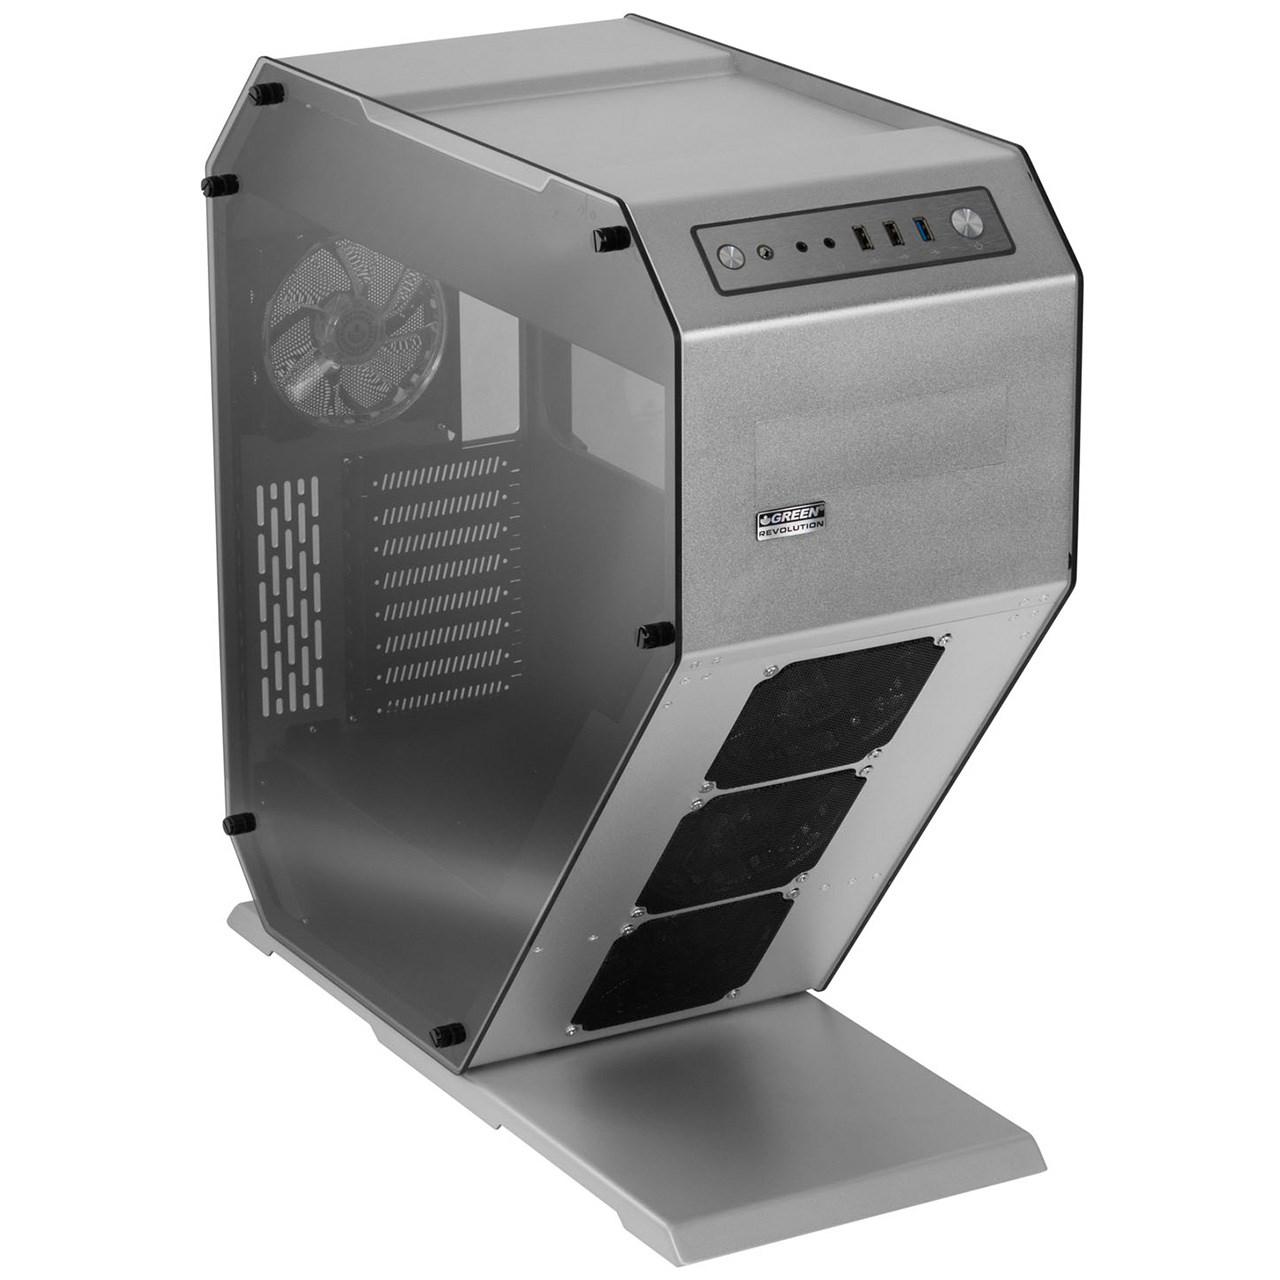 کیس کامپیوتر گرین مدل REVOLUTION